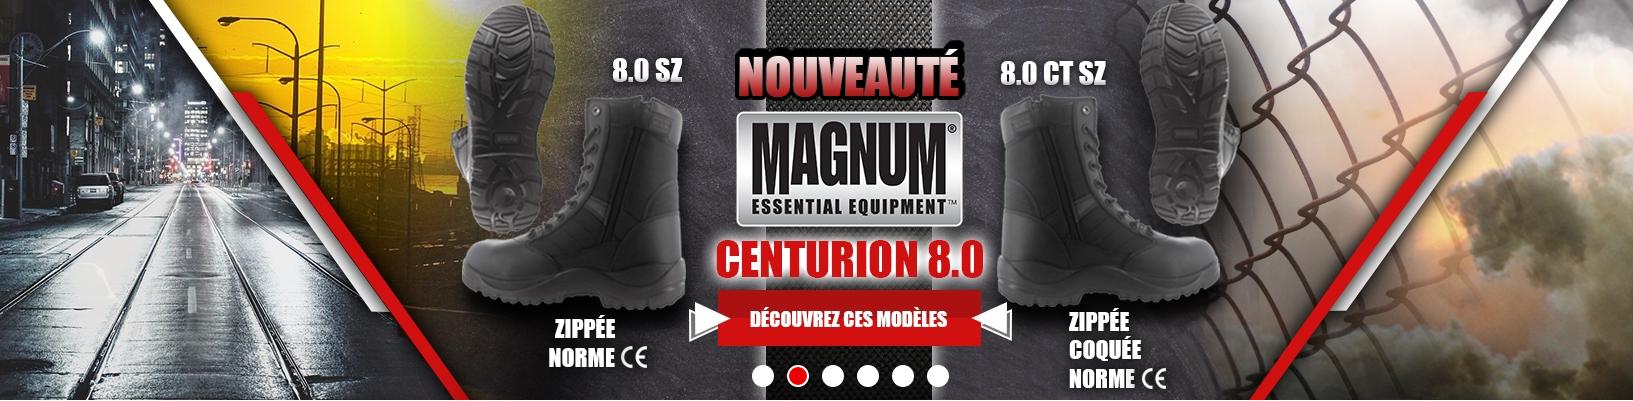 photos officielles 96630 89ca7 Equipement armée, police, gendarmerie - Magasin sécurité à ...